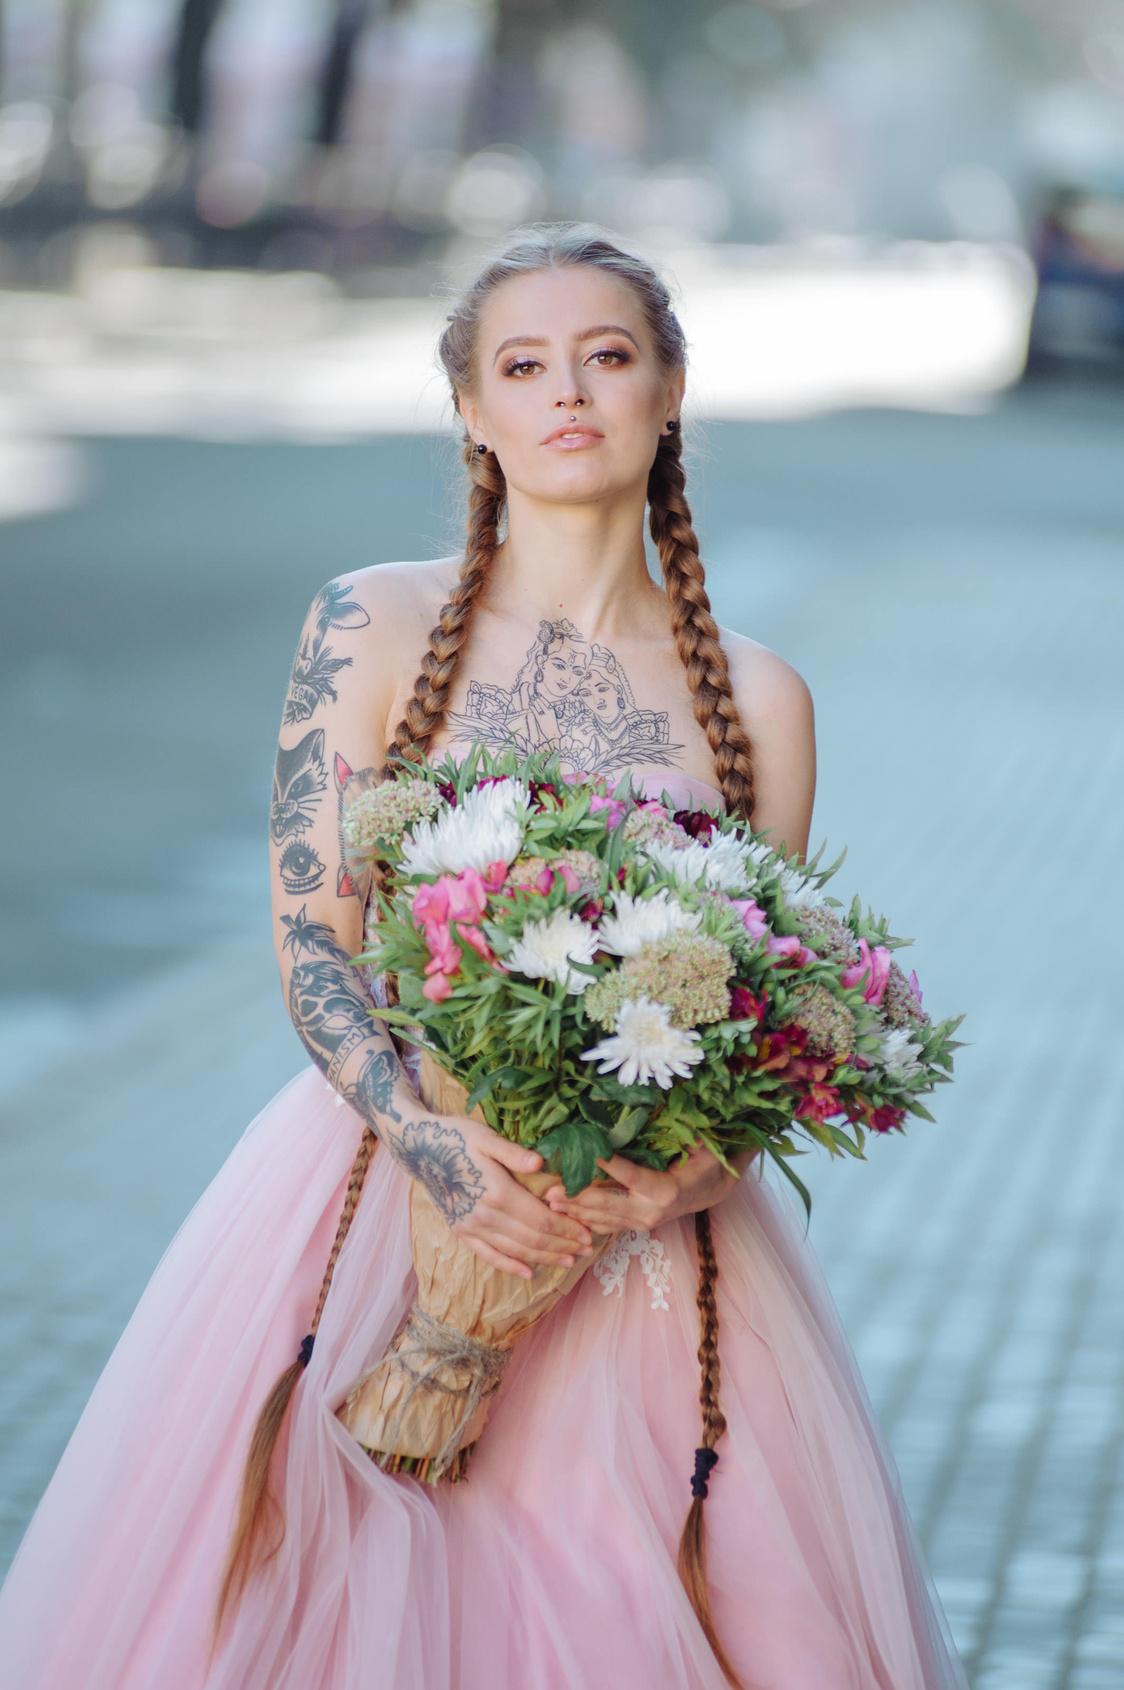 Panna Młoda z bardzo dużym bukietem, Panna Młoda z tatuażami, Panna Młoda z długimi włosami, Panna Młoda z warkoczami